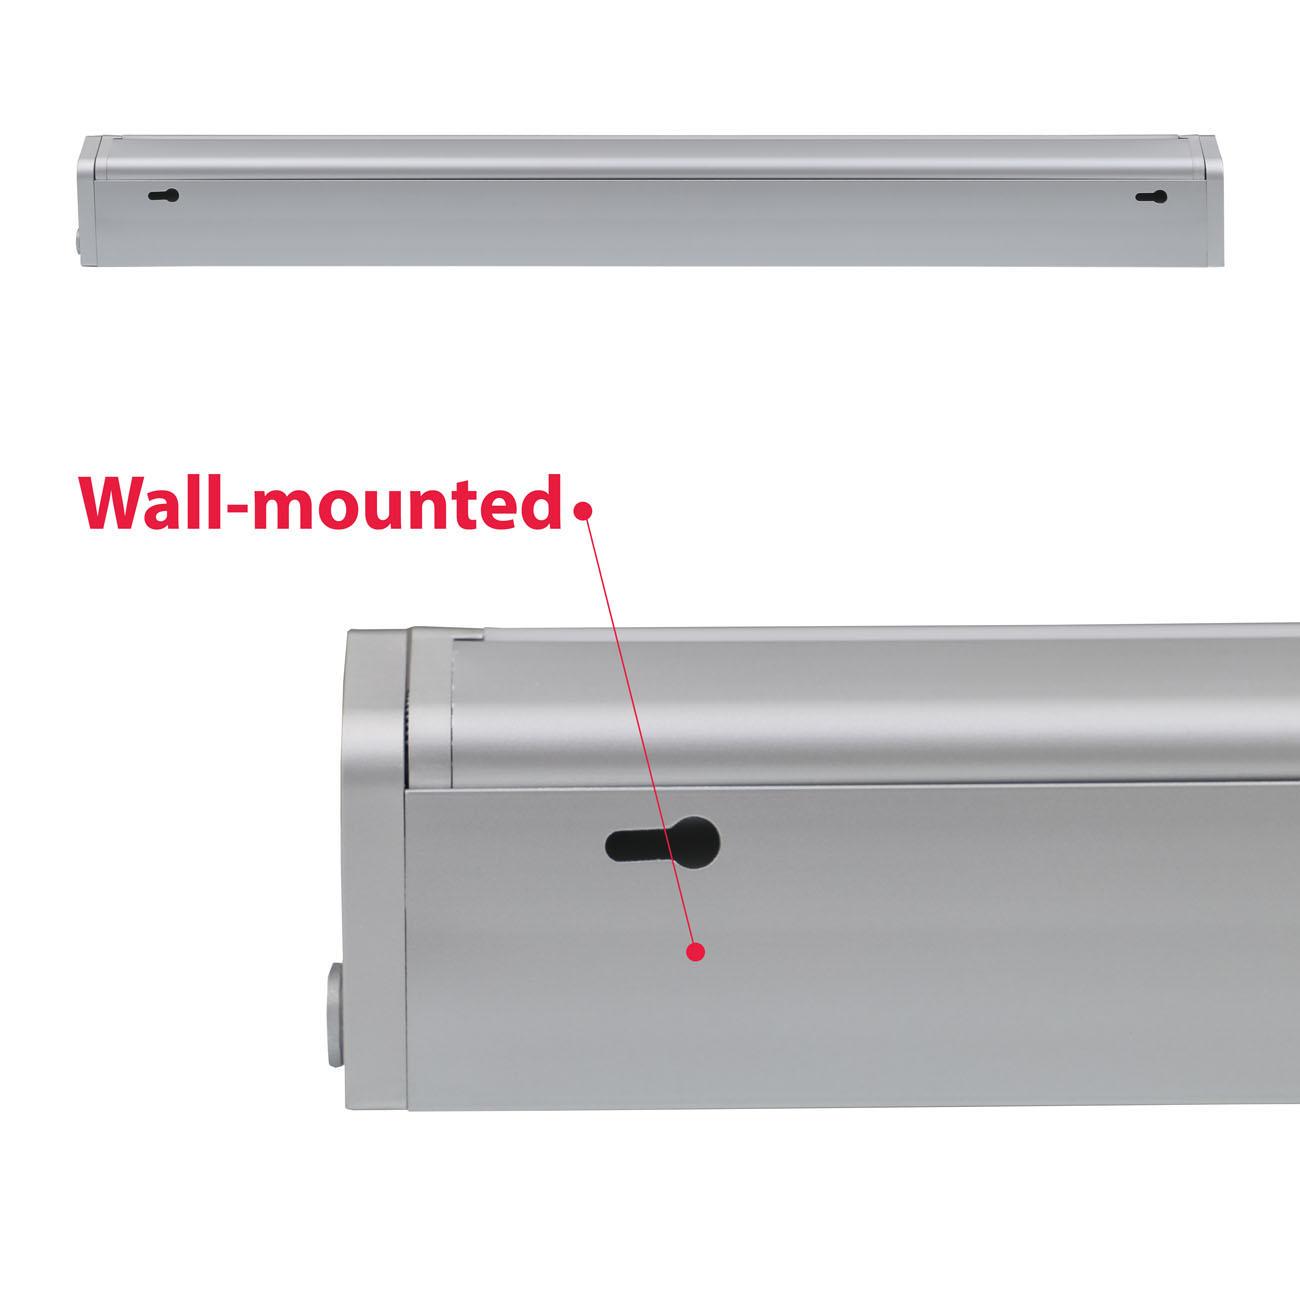 LED Schrankleuchte Unterbauleuchte silber-grau - 7